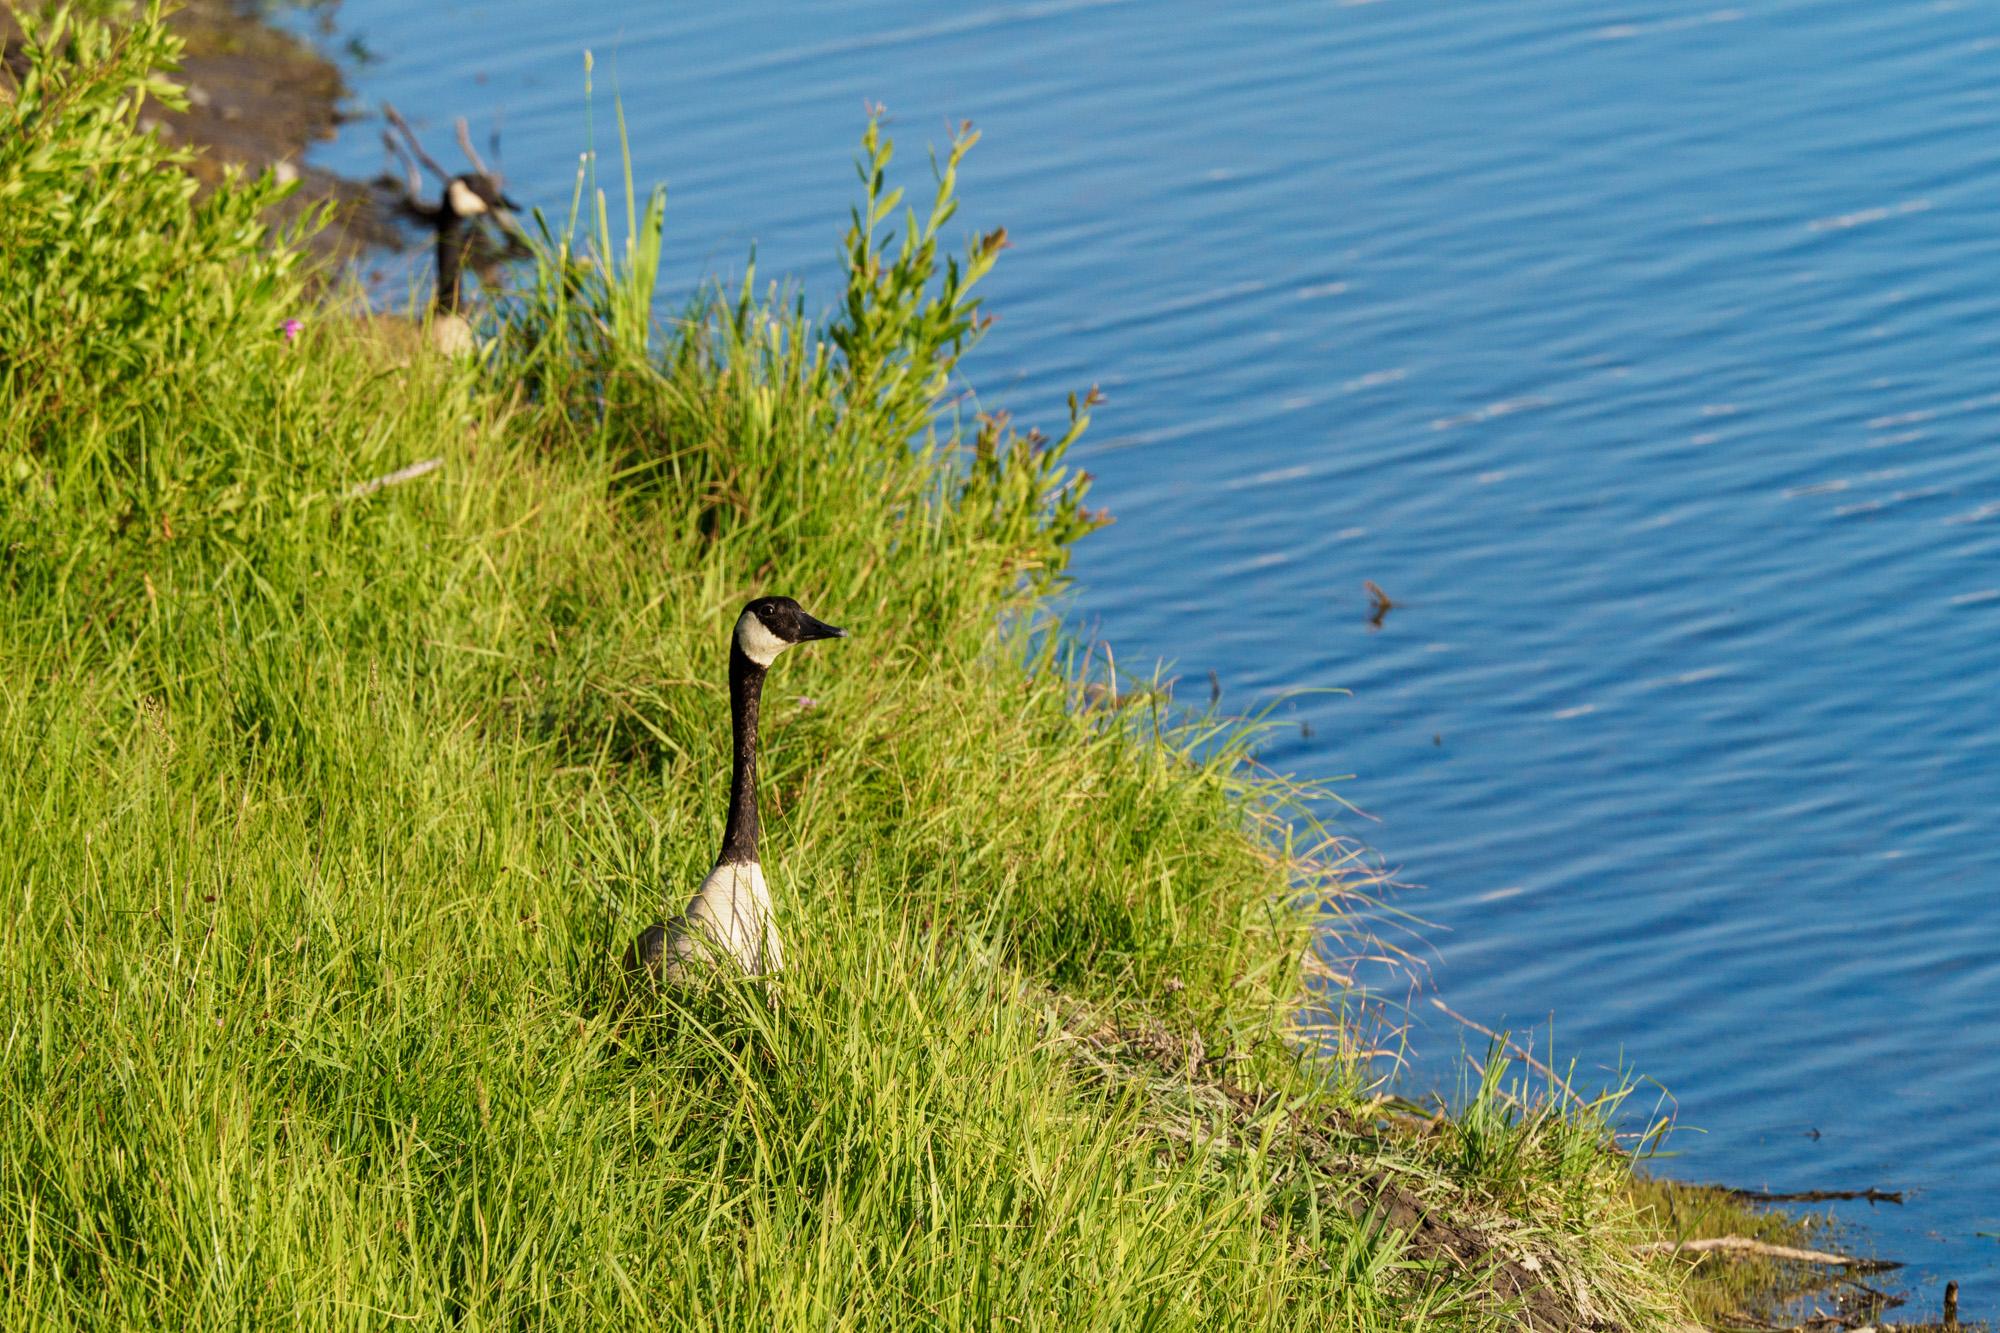 Grand Teton Nationalpark - Ente beim Oxbow Bend